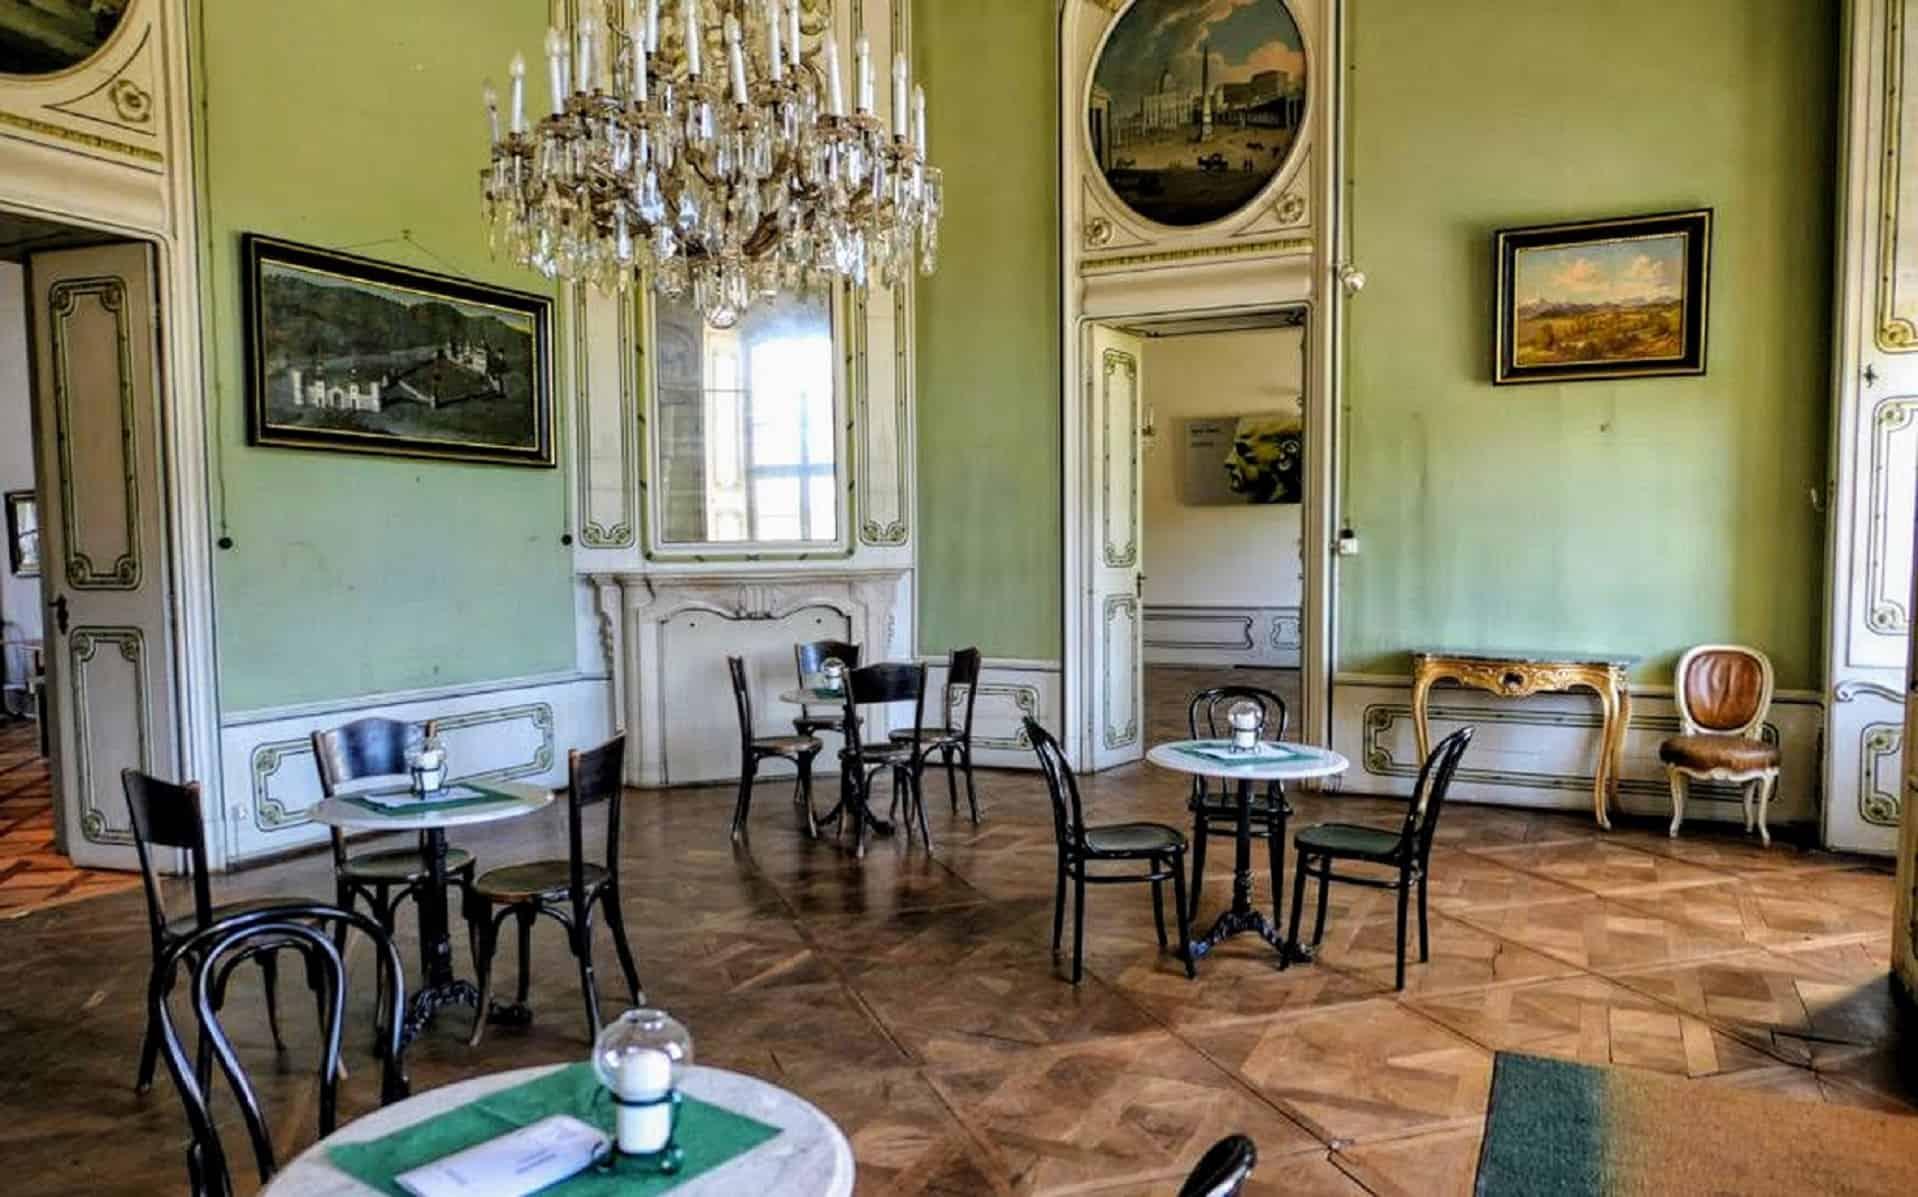 Schlosscafe Rosegg in der Nähe von Velden am Wörthersee. Eigentum Familie Liechtenstein. Geheimtipp für Ausflüge in Kärnten.